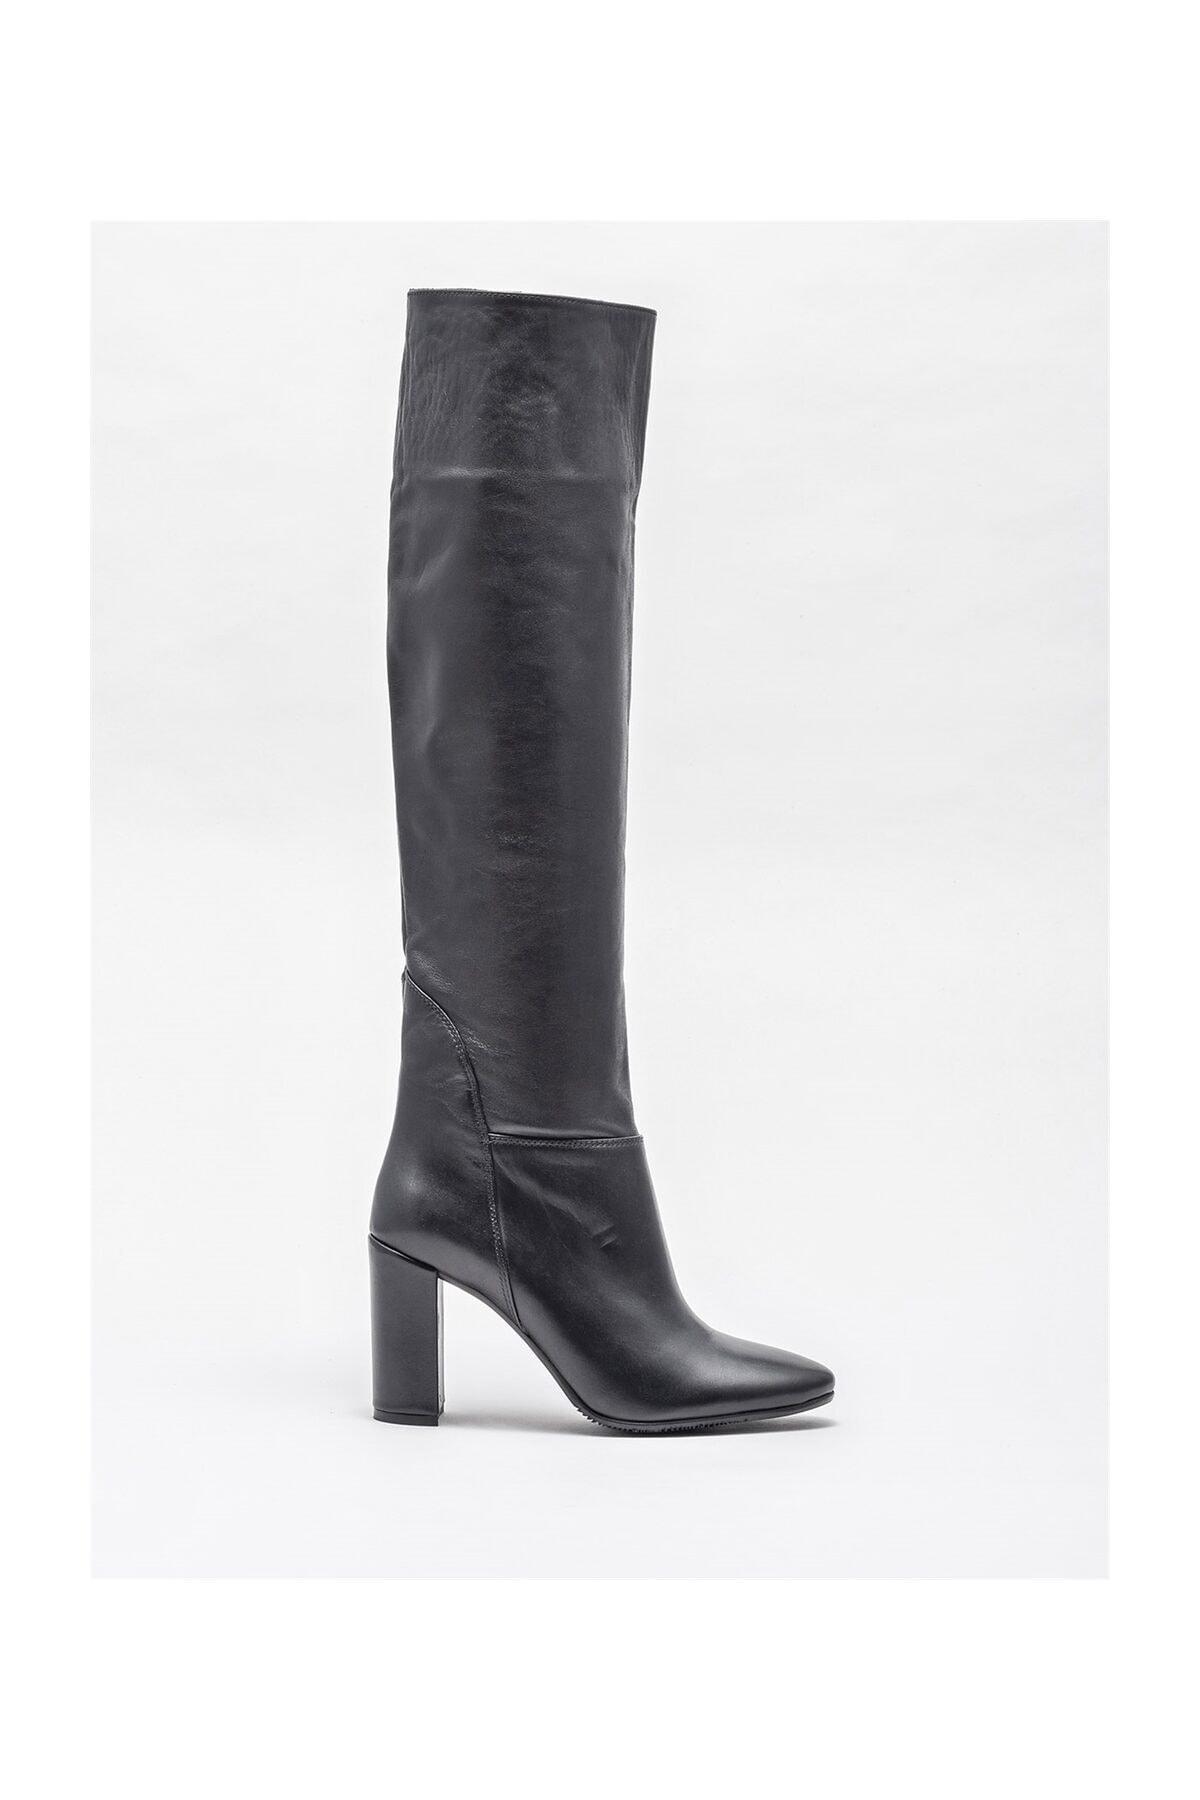 Elle Shoes Kadın DAUNAR Çizme 20KMK308-3657 2